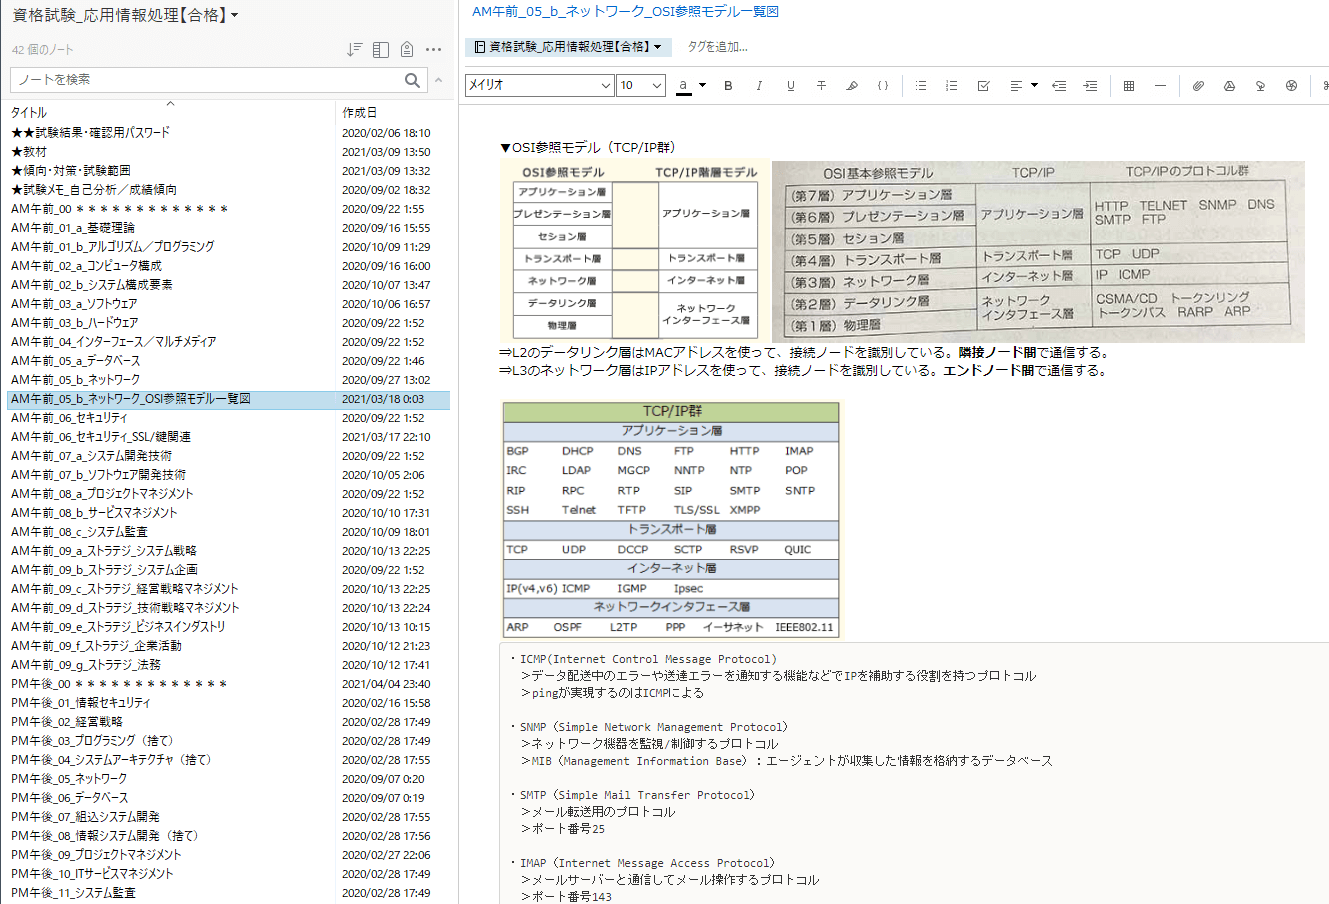 応用情報技術者試験 エバーノート ノート